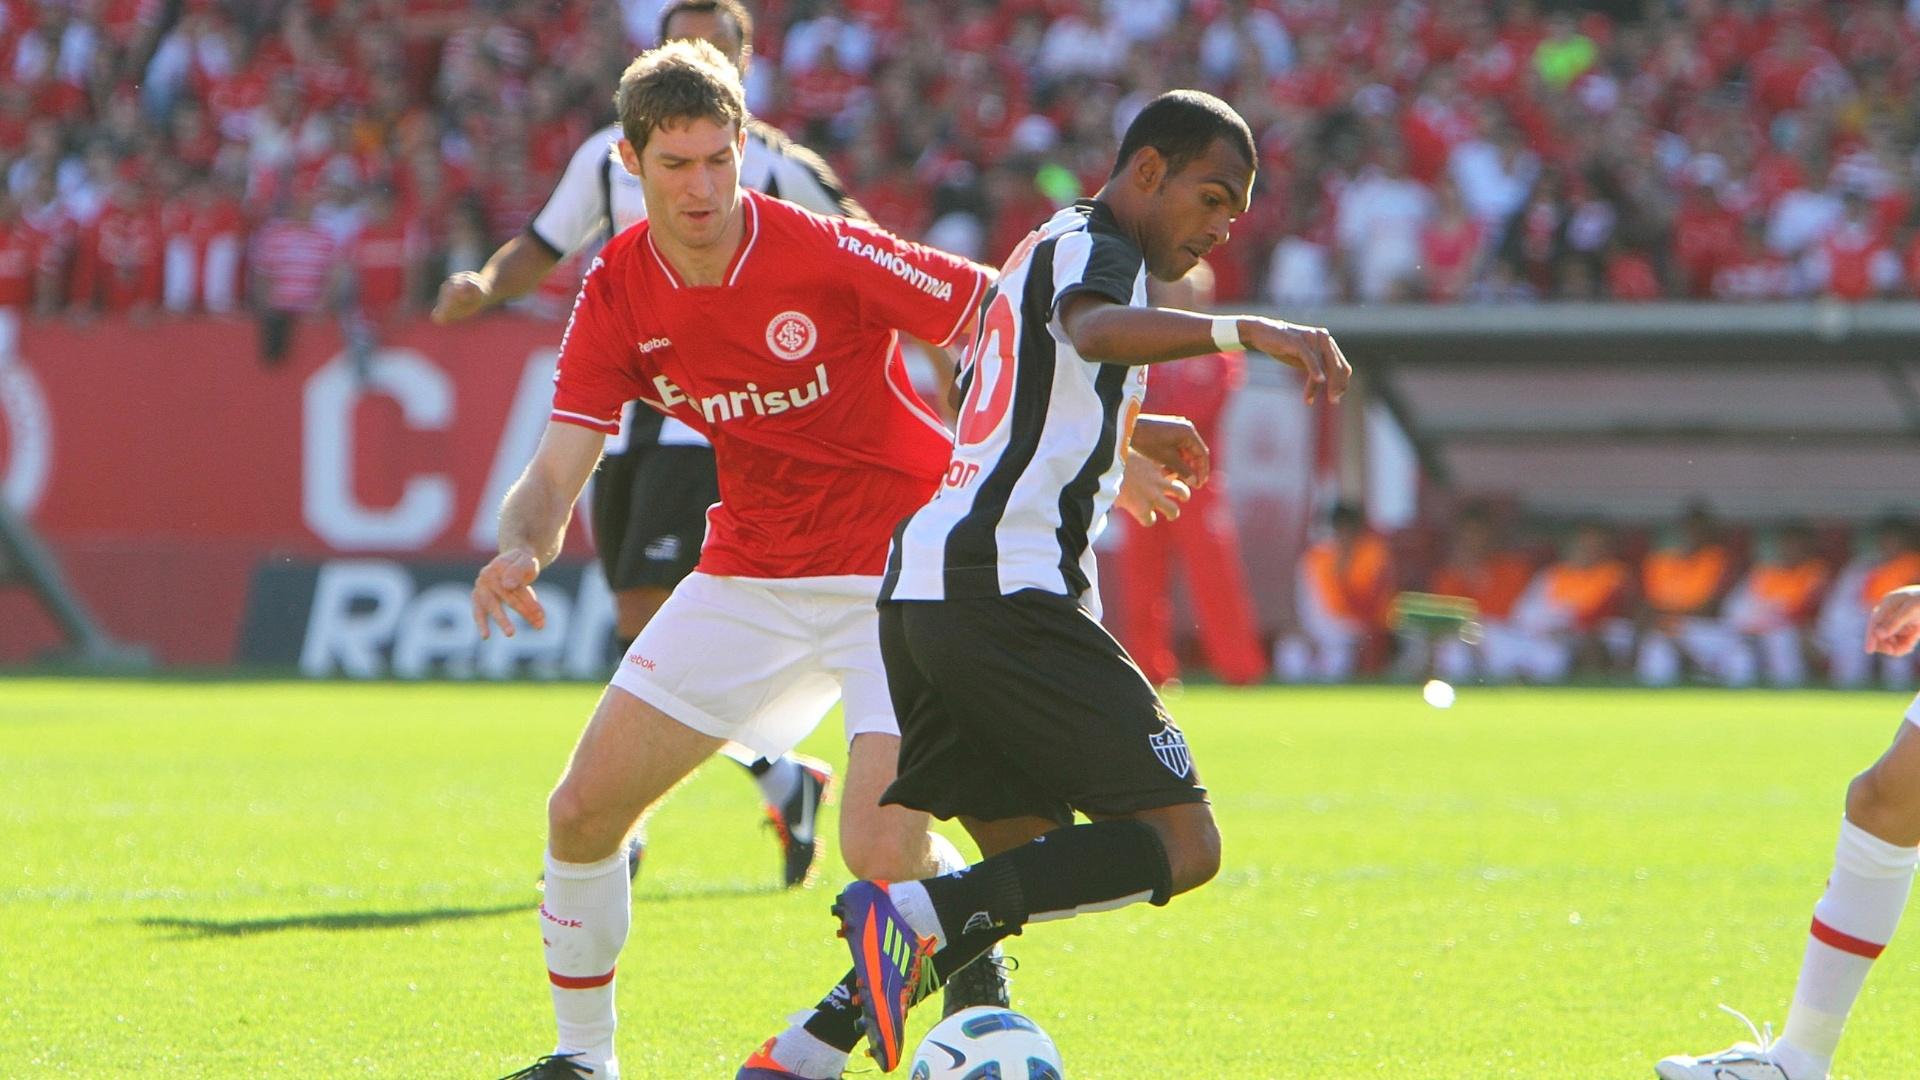 Richarlyson disputa bola com Bollatti no duelo entre Inter e Atlético-MG no Beira-Rio